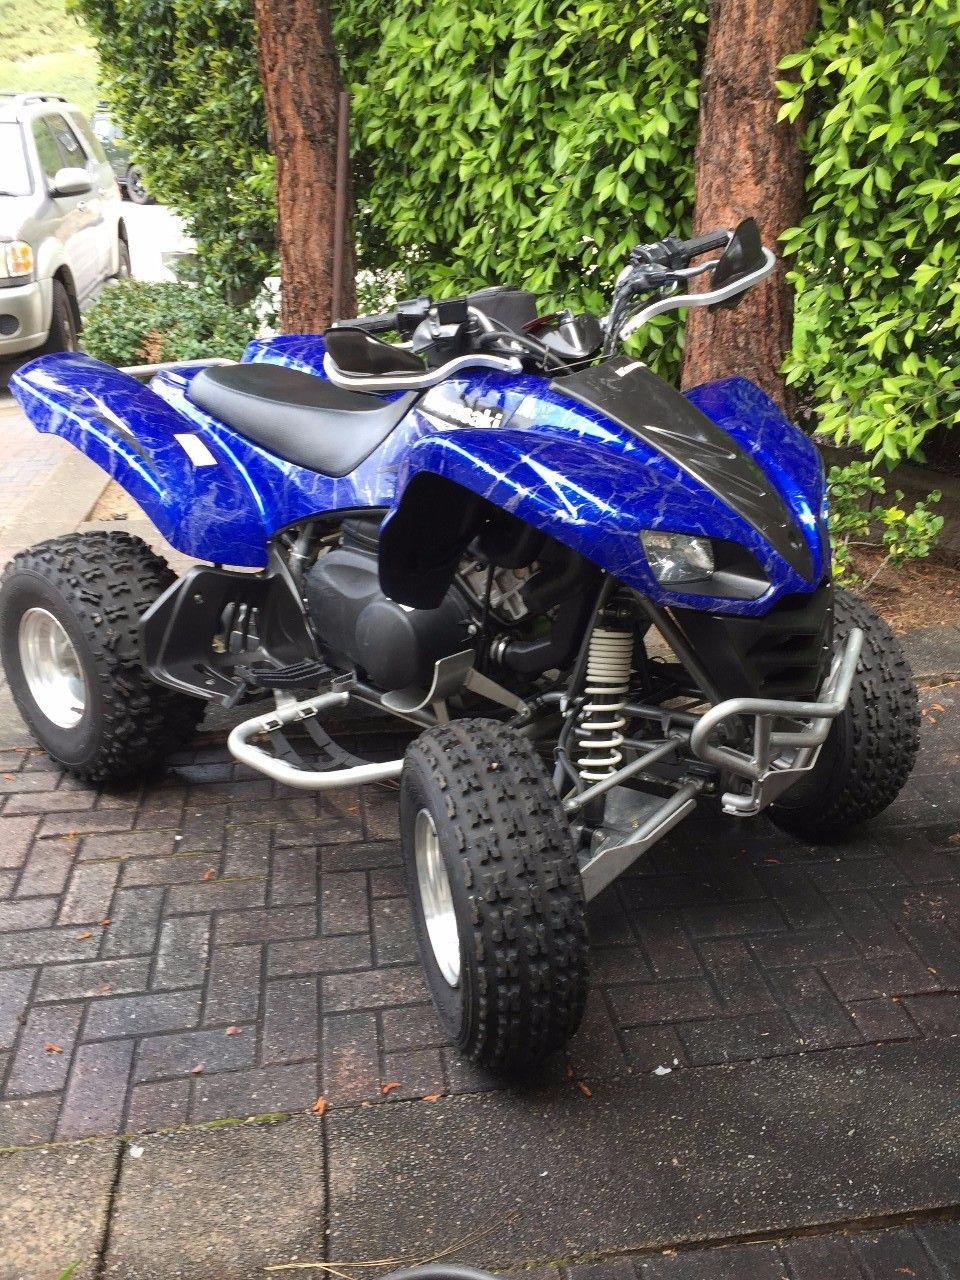 Used 2006 Kawasaki KSV 700 ATVs For Sale in California